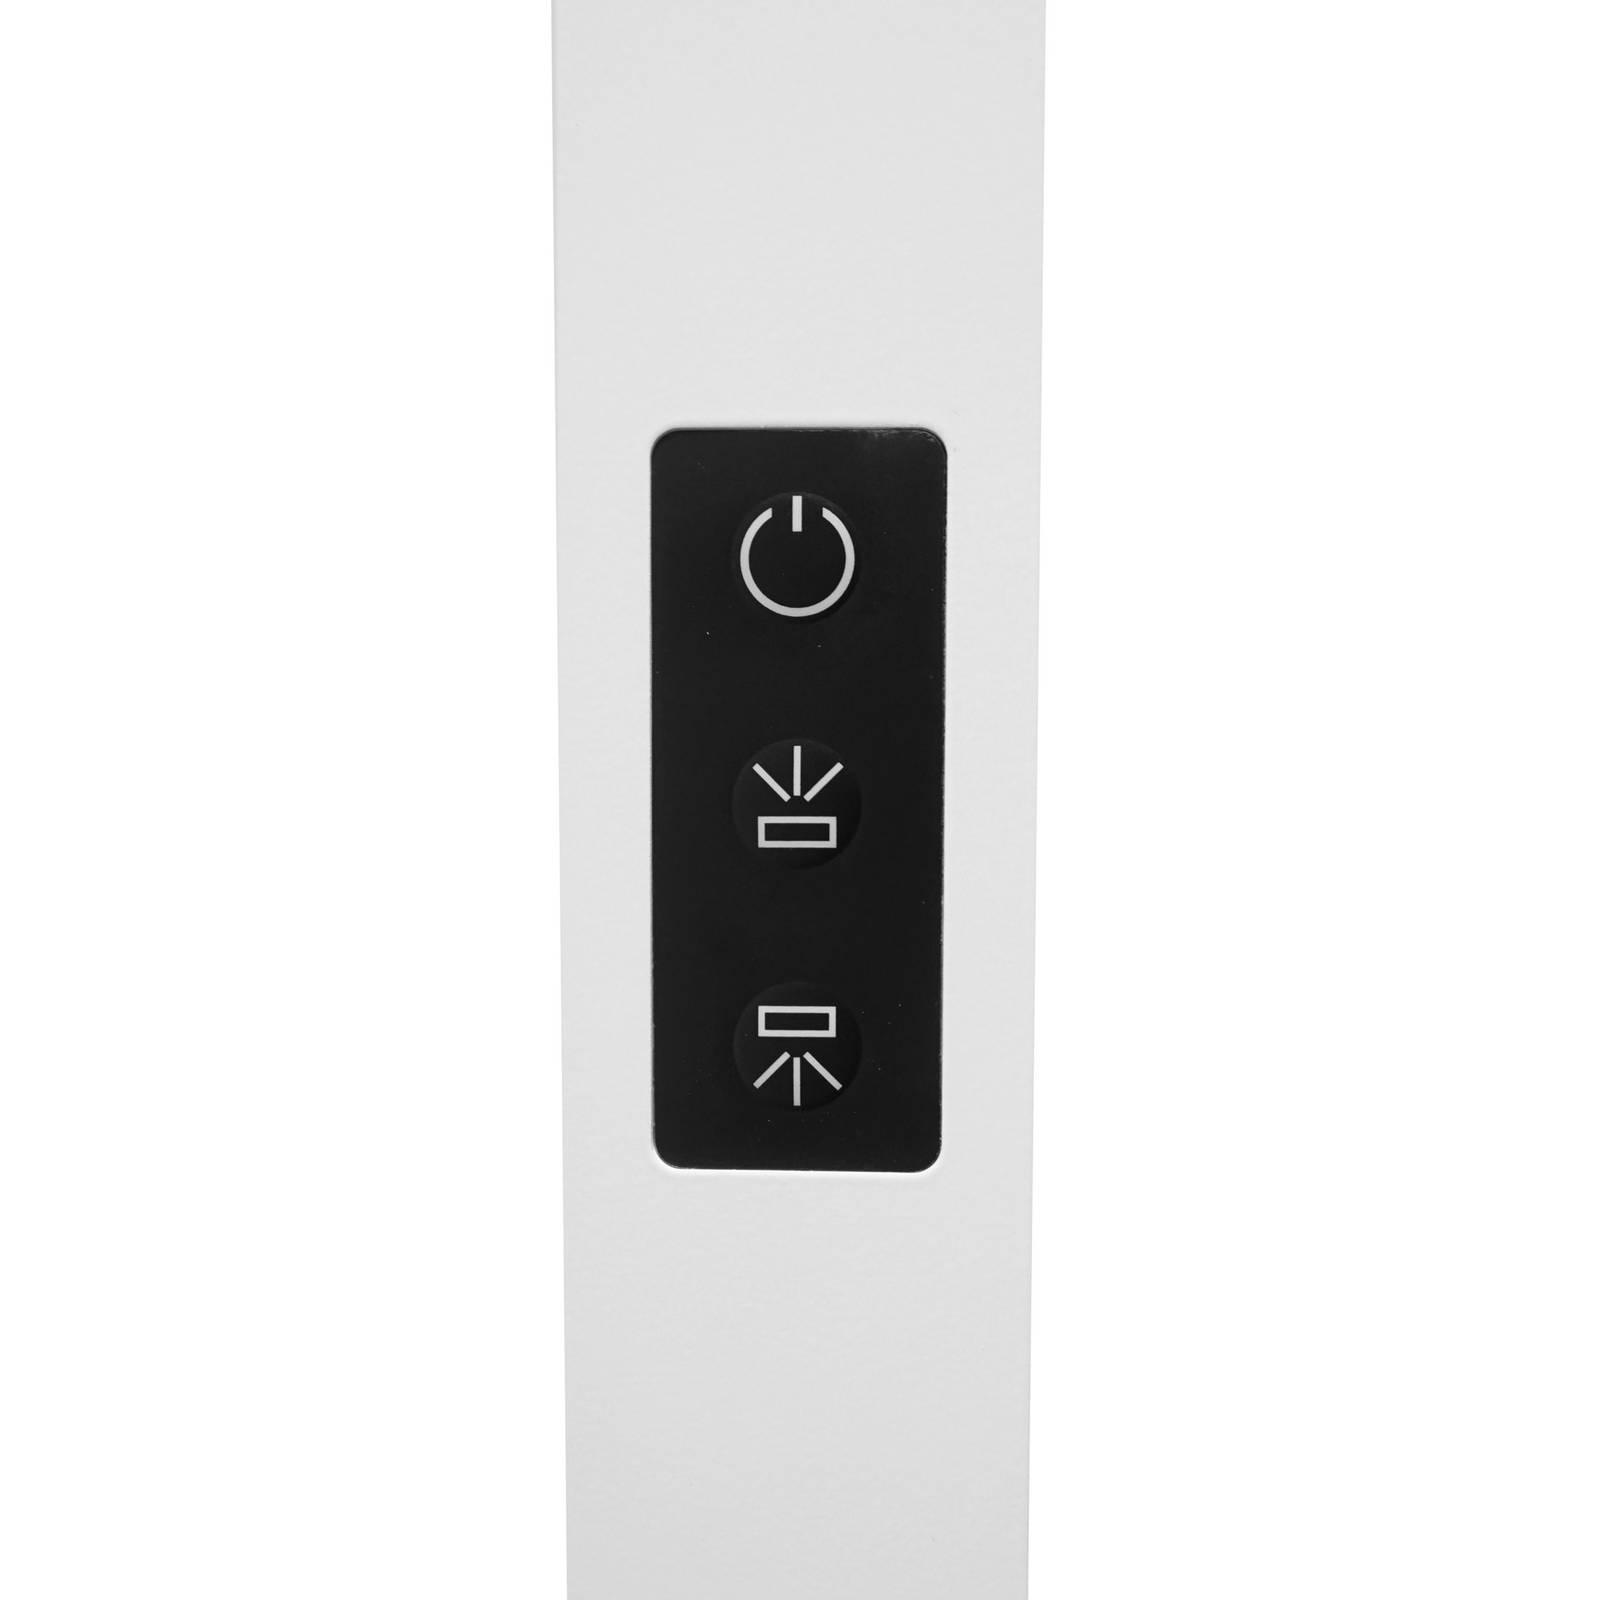 Lampadaire de bureau LED Somidia, capteur, blanc